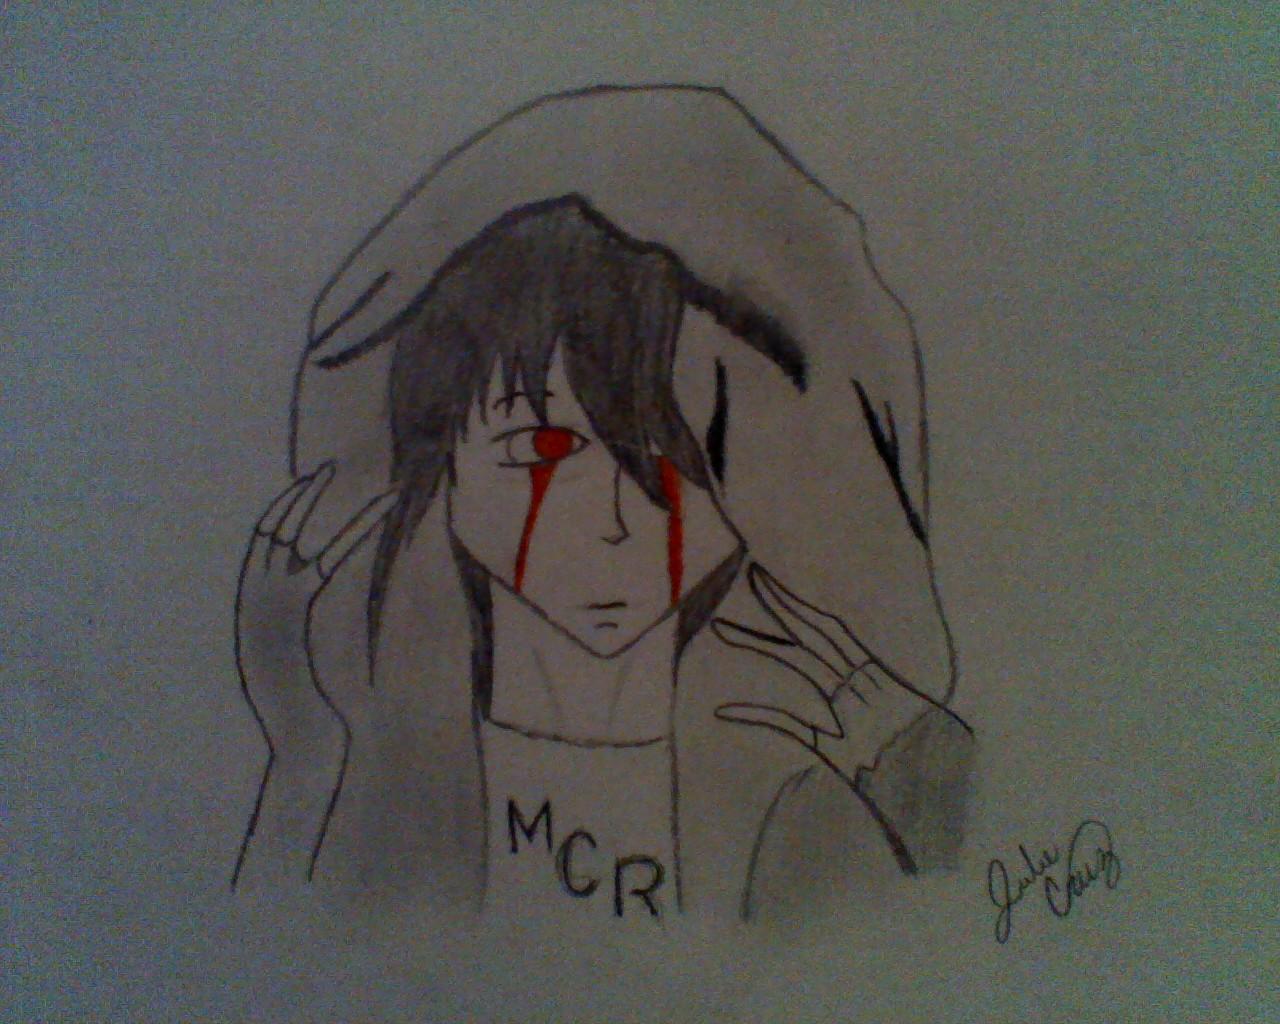 http://3.bp.blogspot.com/-uulsuckfEMc/UMLV1w9tqjI/AAAAAAAAAQ4/WvXyRLgBj0A/s1600/sad_and_lonely_emo_boy_by_jagjag09-d37roj9.jpg